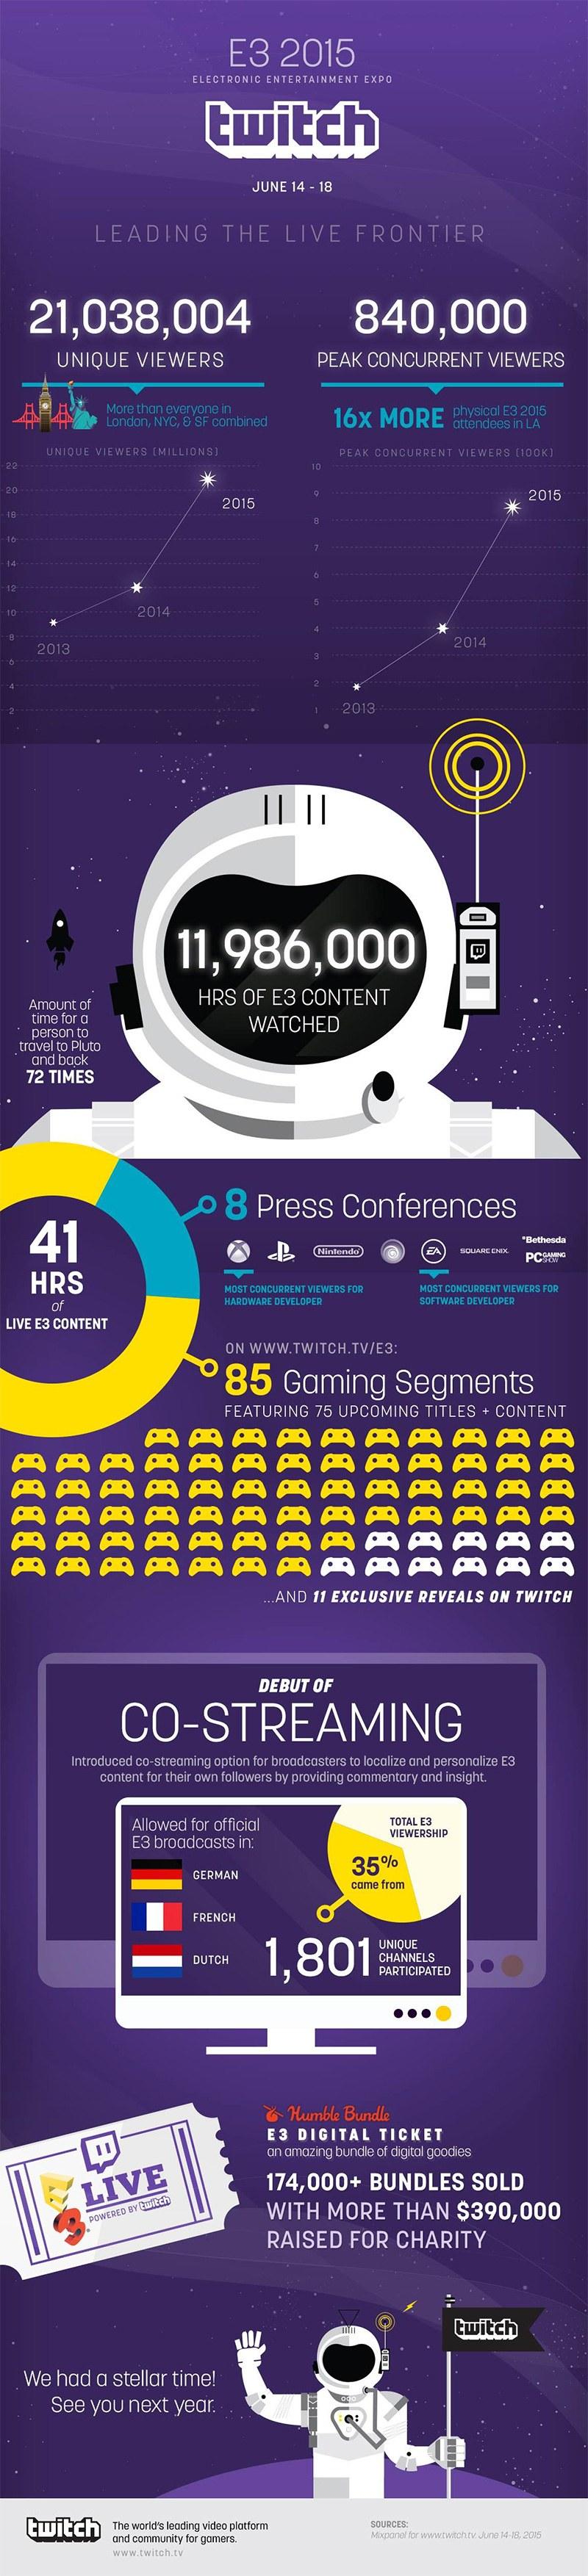 El E3 2015 fue seguido por 21 millones de usuarios en Twitch